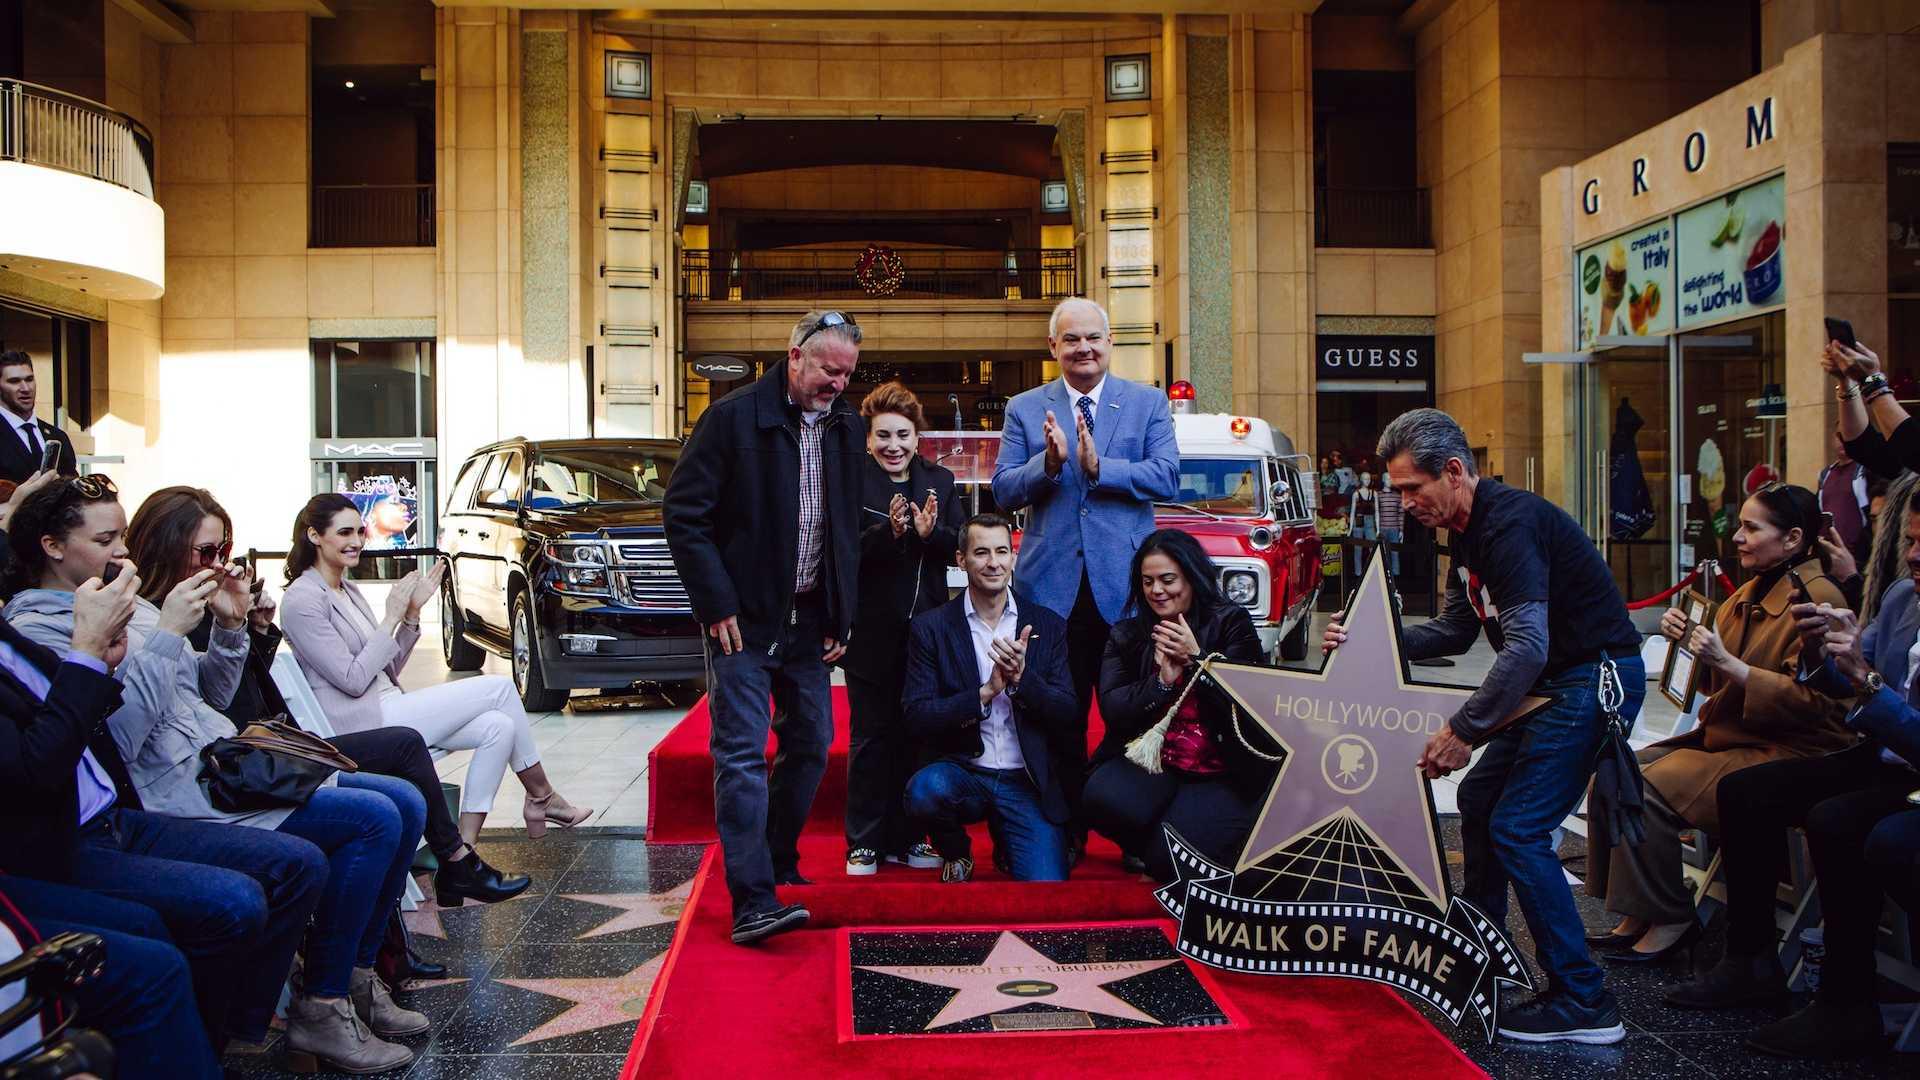 На «Аллее славы» в Голливуде состоялось необычное событие: свою звезду здесь впервые получил автомобиль. Звучит это странно, но в целом неудивительно: вряд ли среди людей найдётся столь трудоспособный актёр.